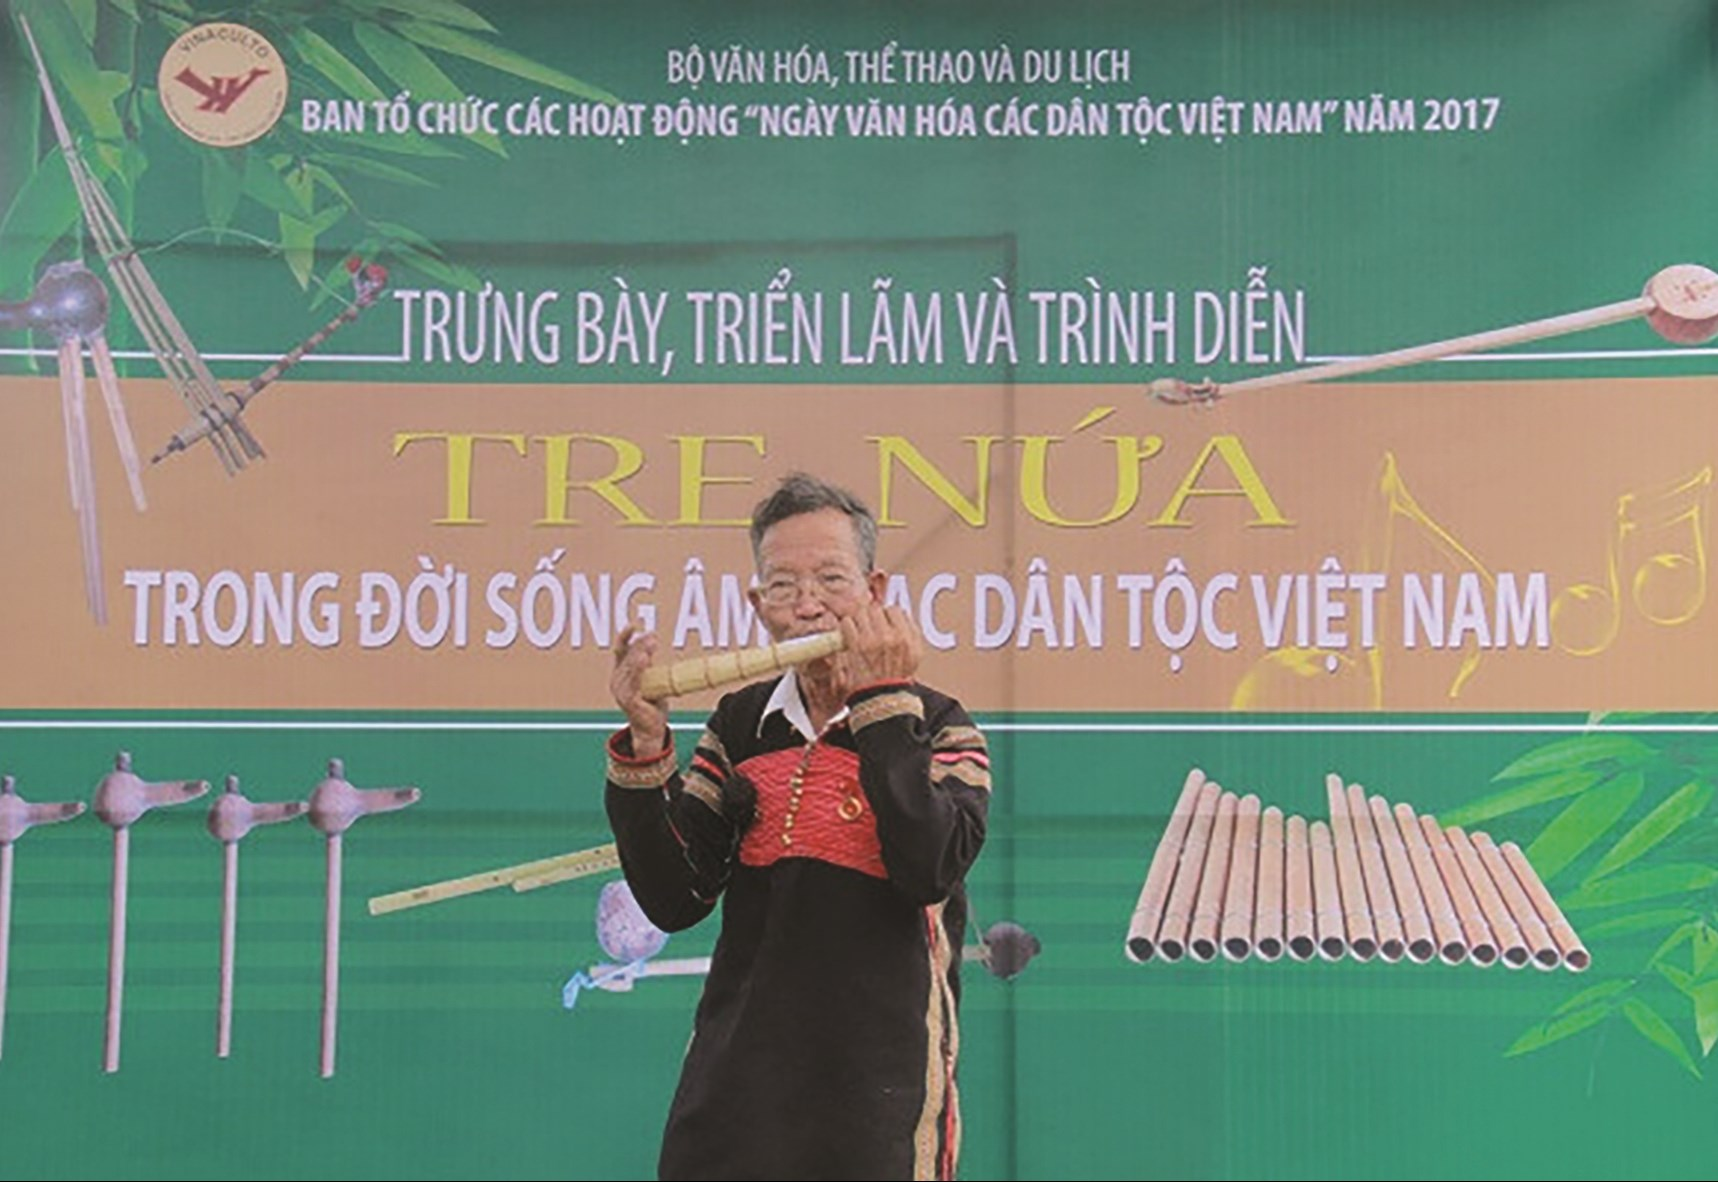 Nghệ nhân Ama H'Loan biểu diễn nhạc cụ dân tộc tại Làng Văn hóa, Du lịch các dân tộc Việt Nam (Đồng Mô, Hà Nội)